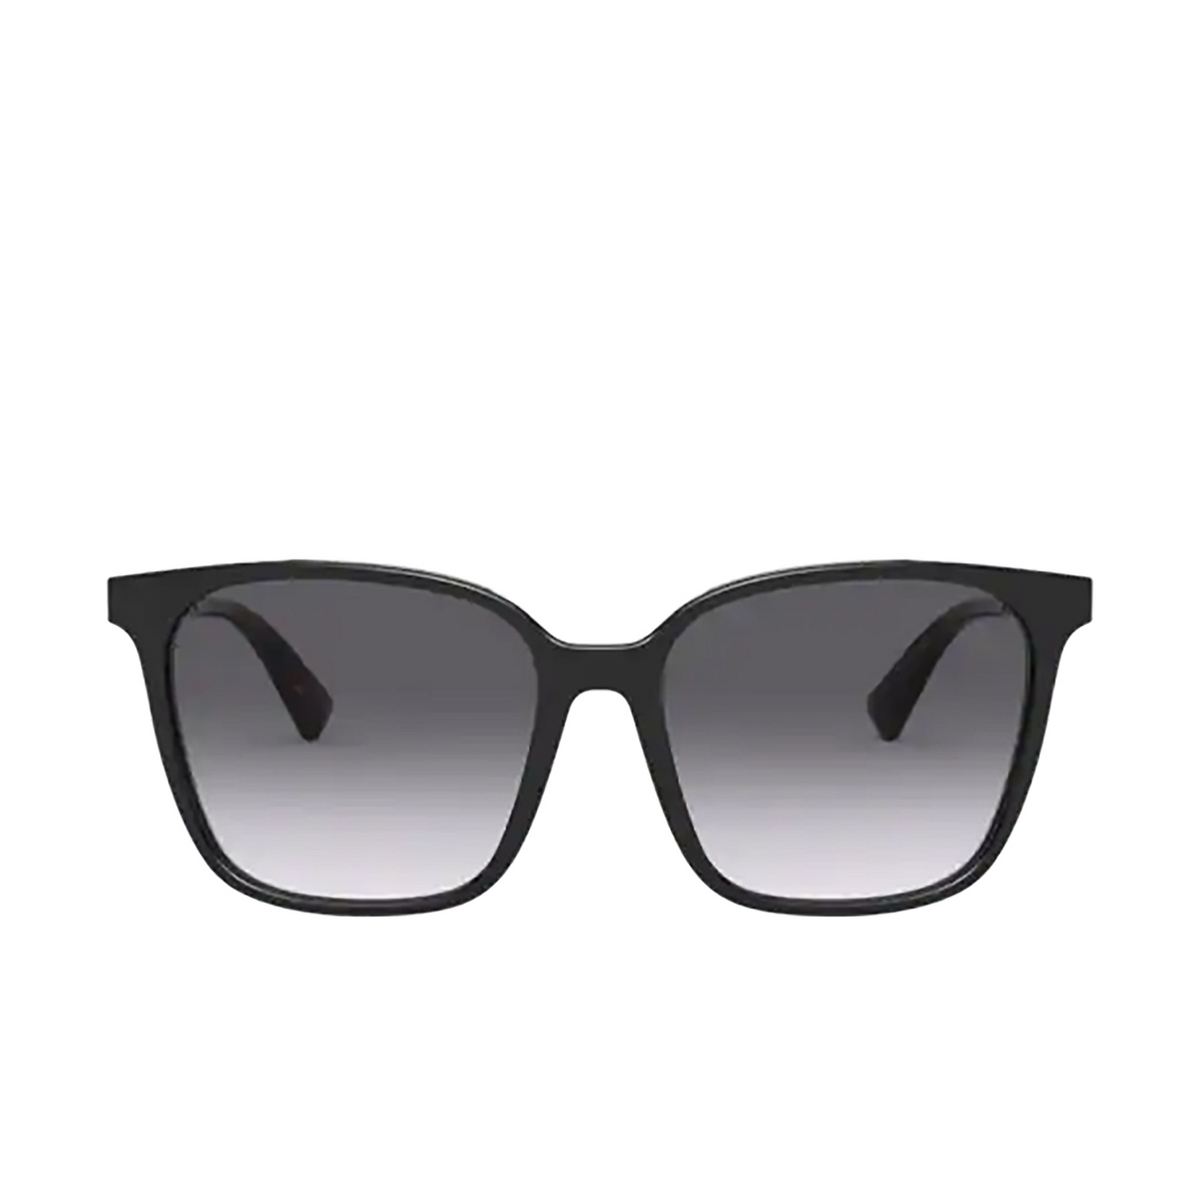 Valentino® Square Sunglasses: VA4078 color Black 50018G - front view.